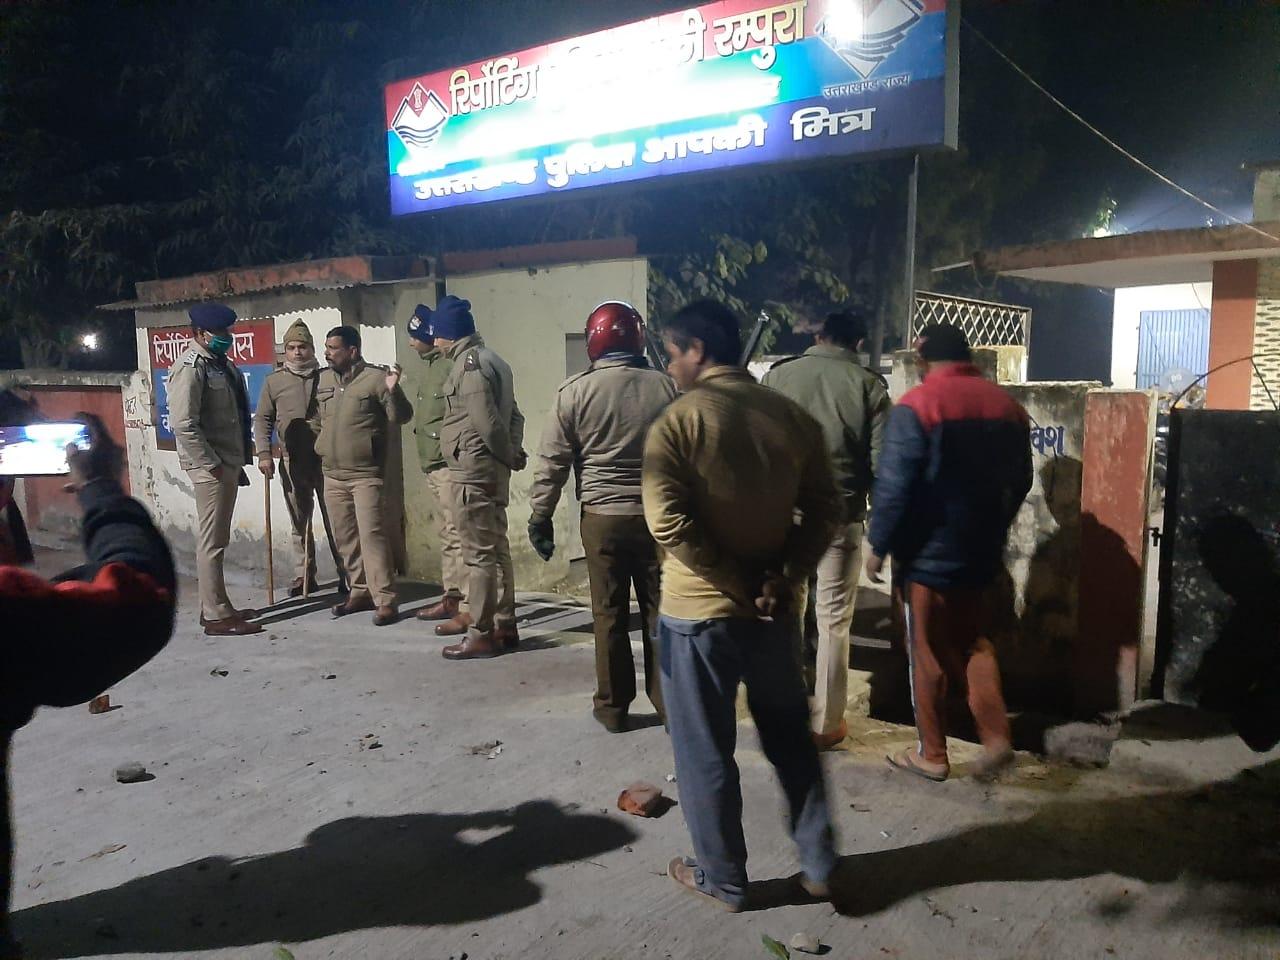 रम्पुरा चौकी पर पथराव, पुलिस ने भीड़ को लाठीचार्ज कर खदेड़ा